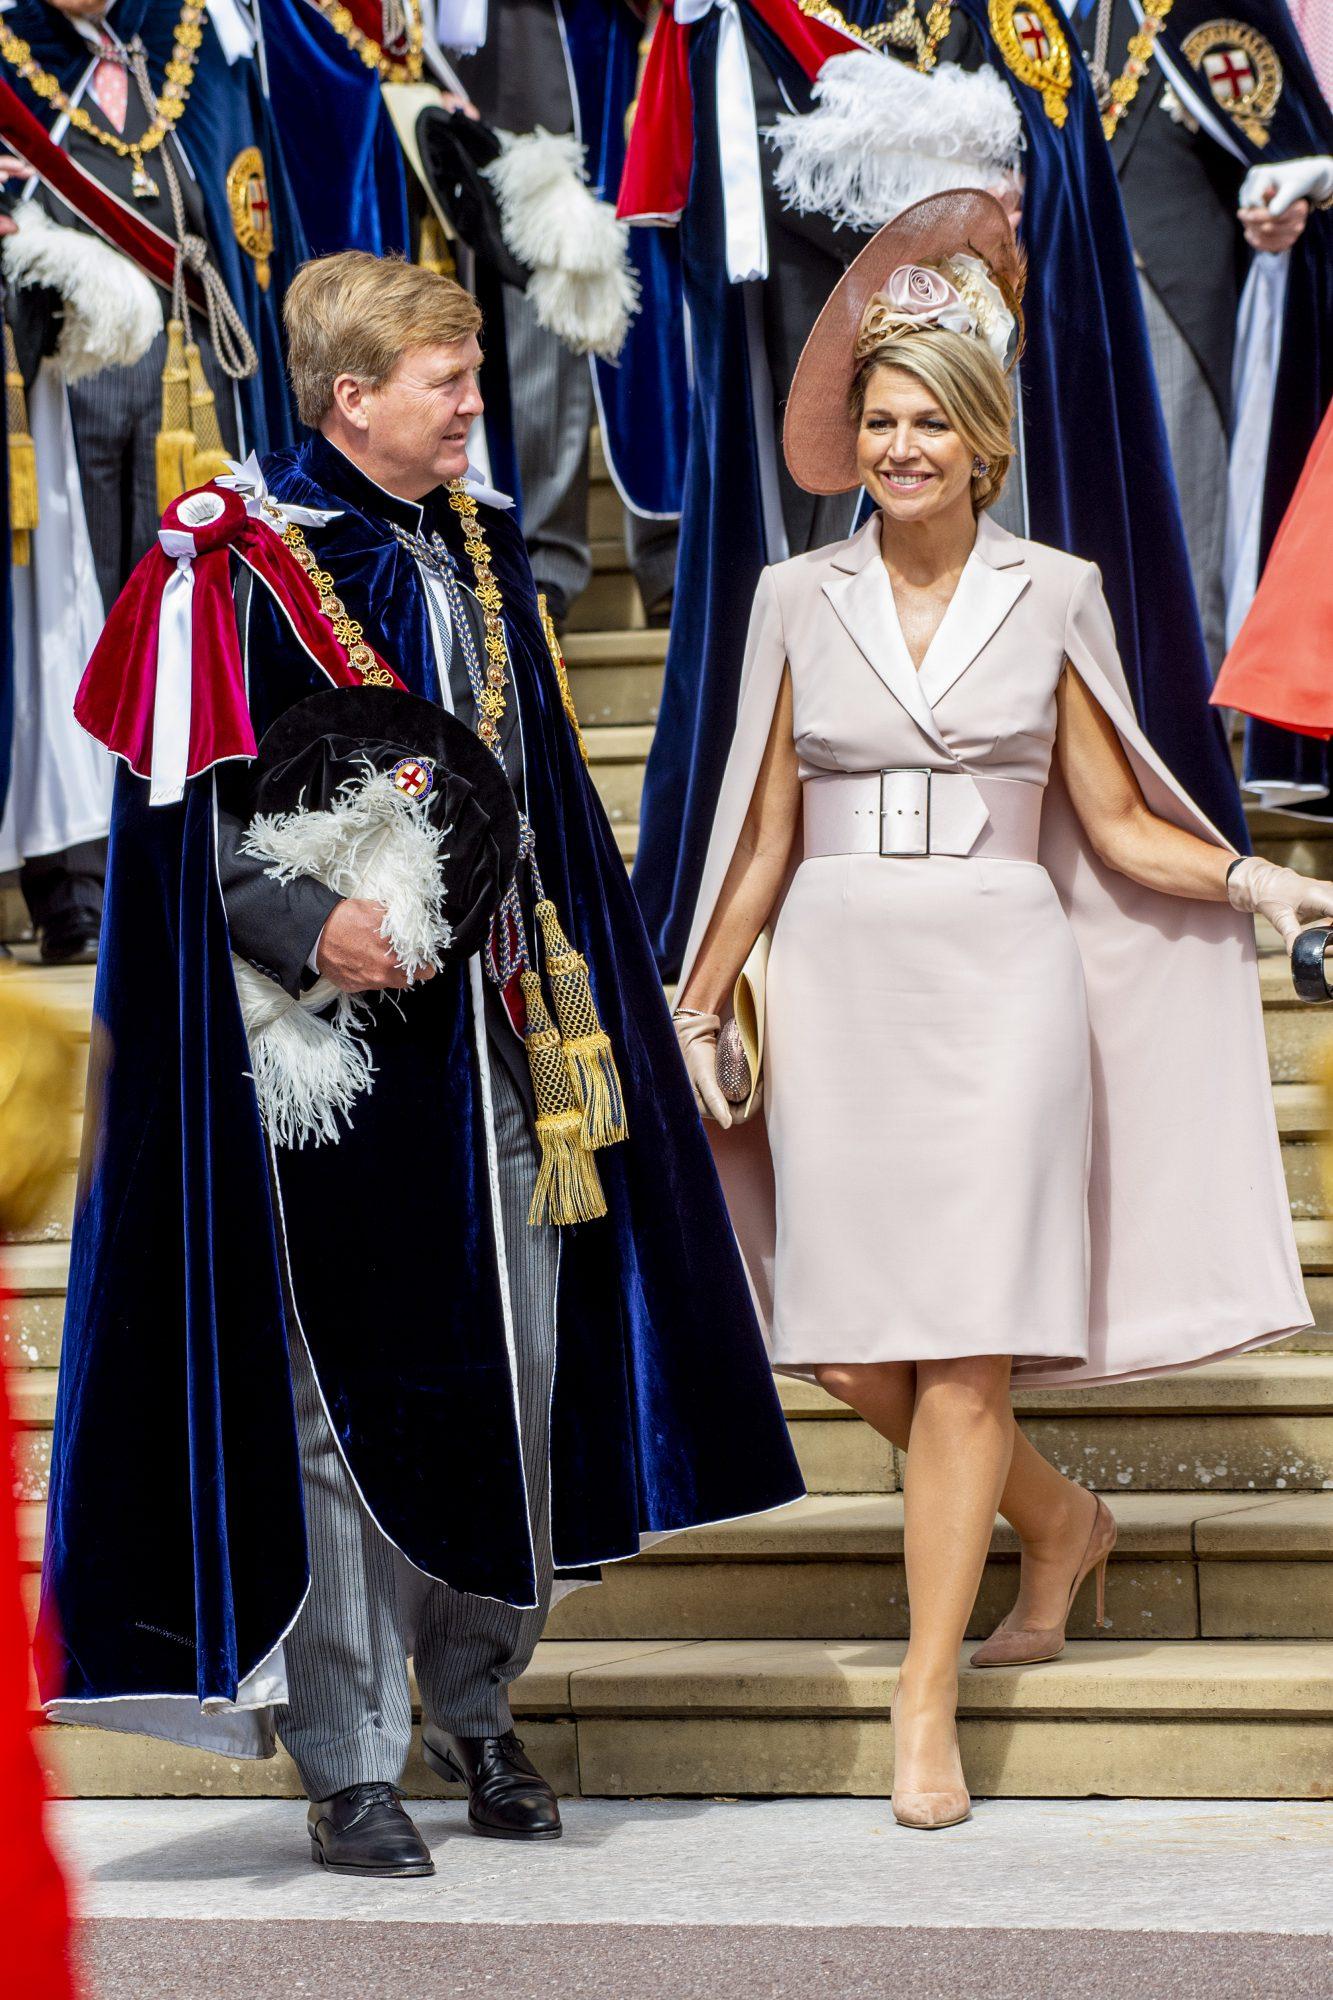 Moda real: la colección de clutches de la reina Máxima